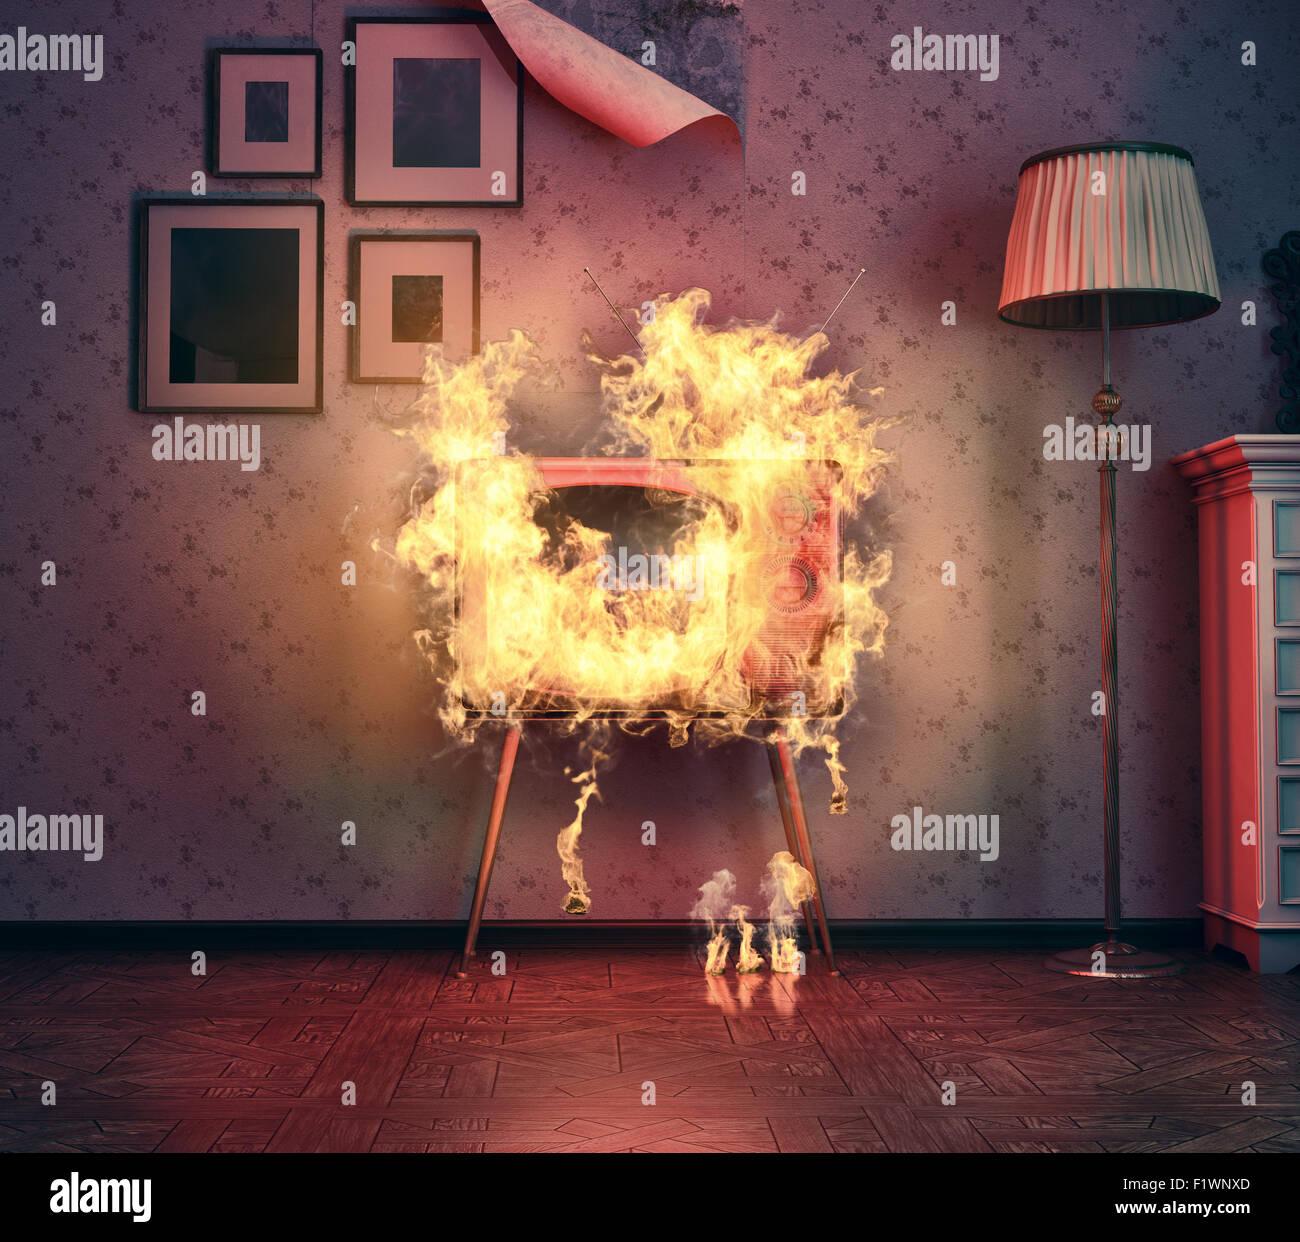 Retro ardor en la antigua sala de TV. 3D rendering Imagen De Stock